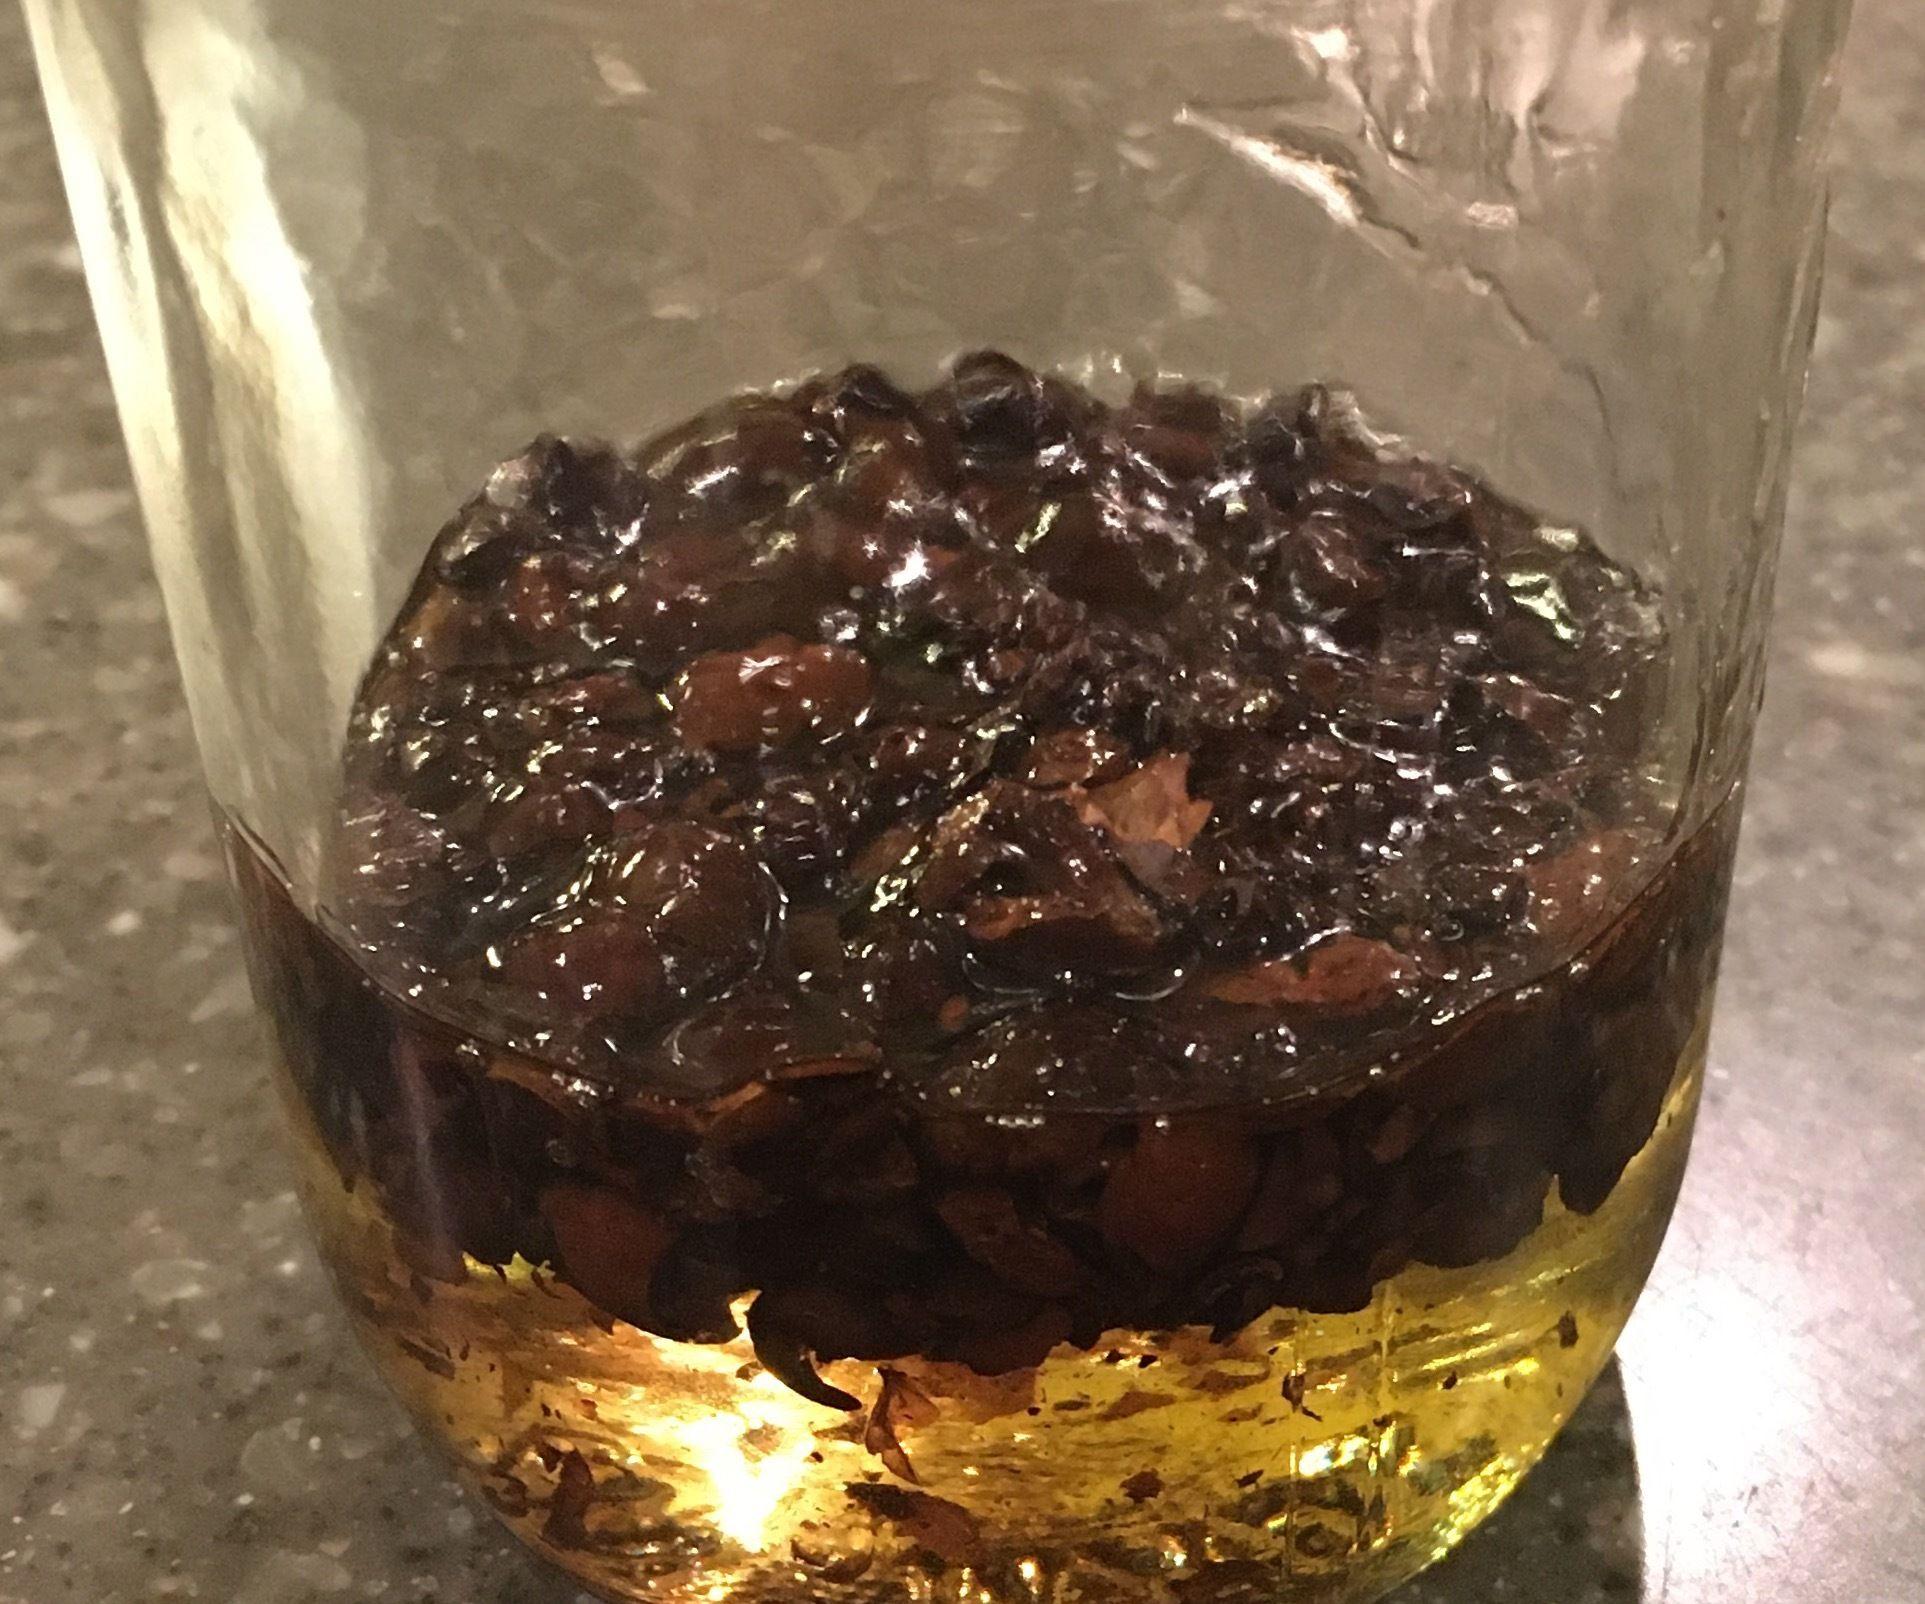 Coffee-Infused Massage Oil